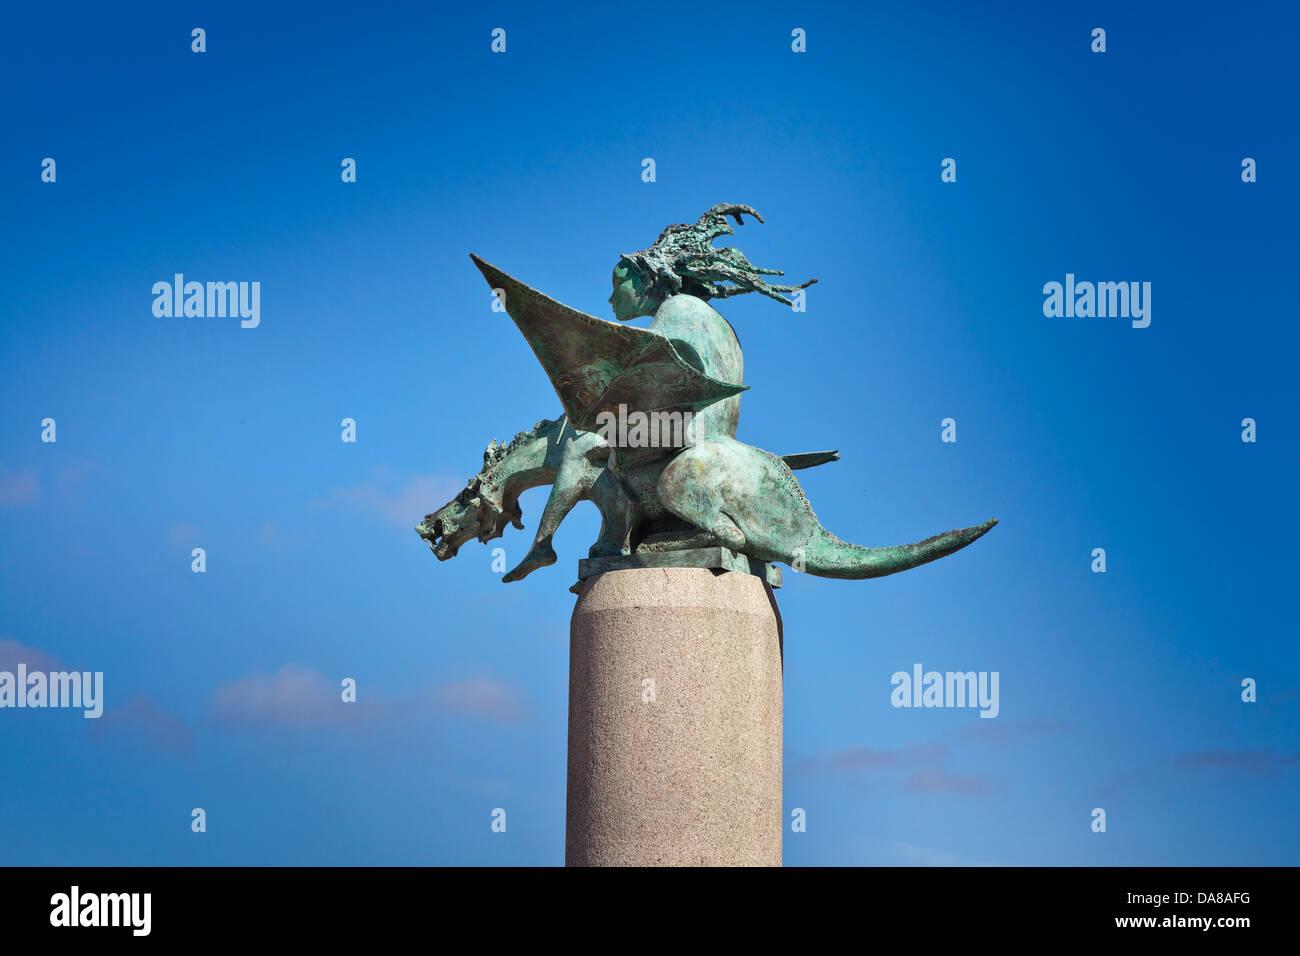 Bronze sculpture of a nymph riding a dragon, Vigo, Galicia, Spain Stock Photo